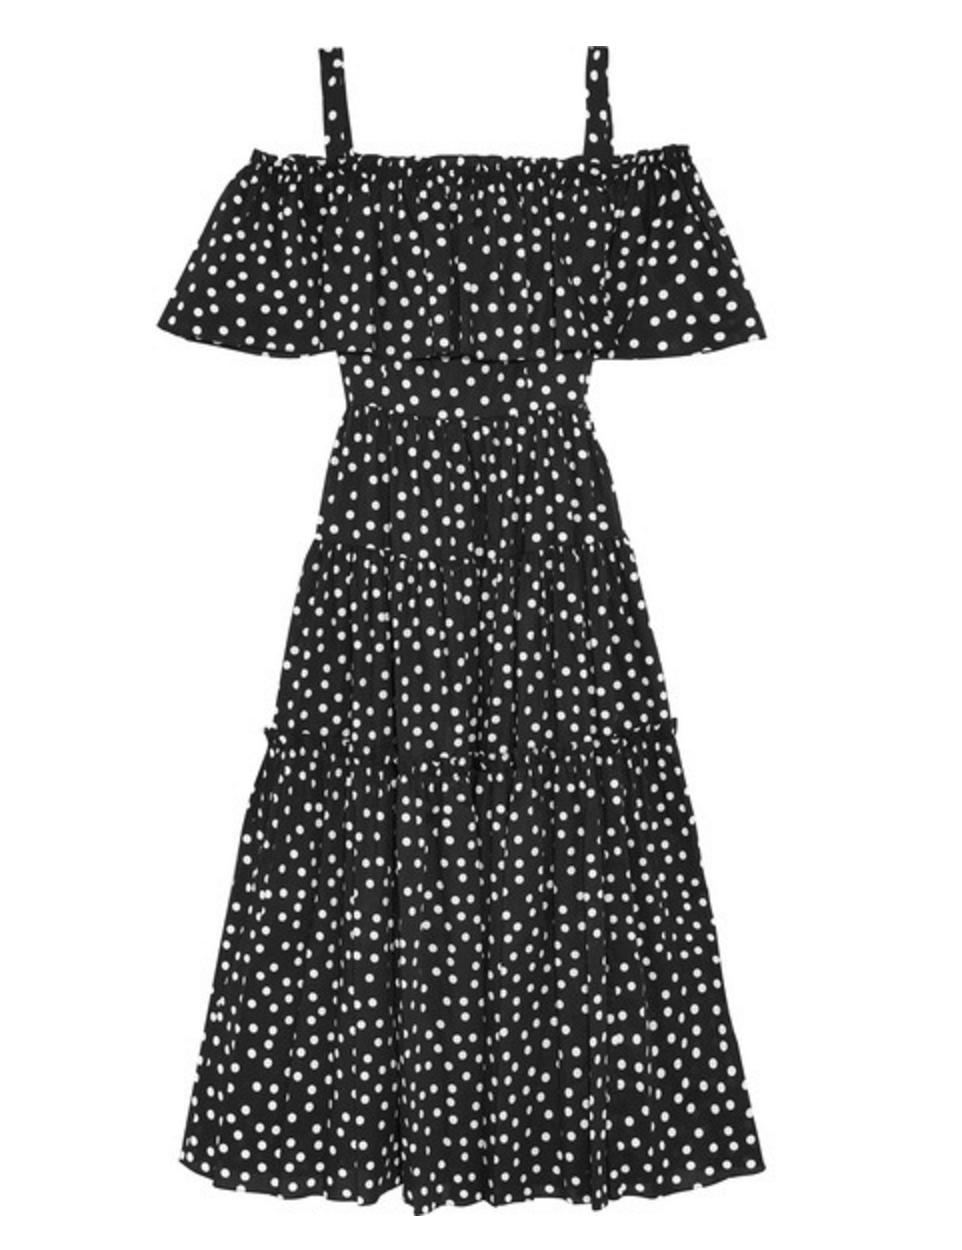 Dolce & Gabbana Dress, $1377